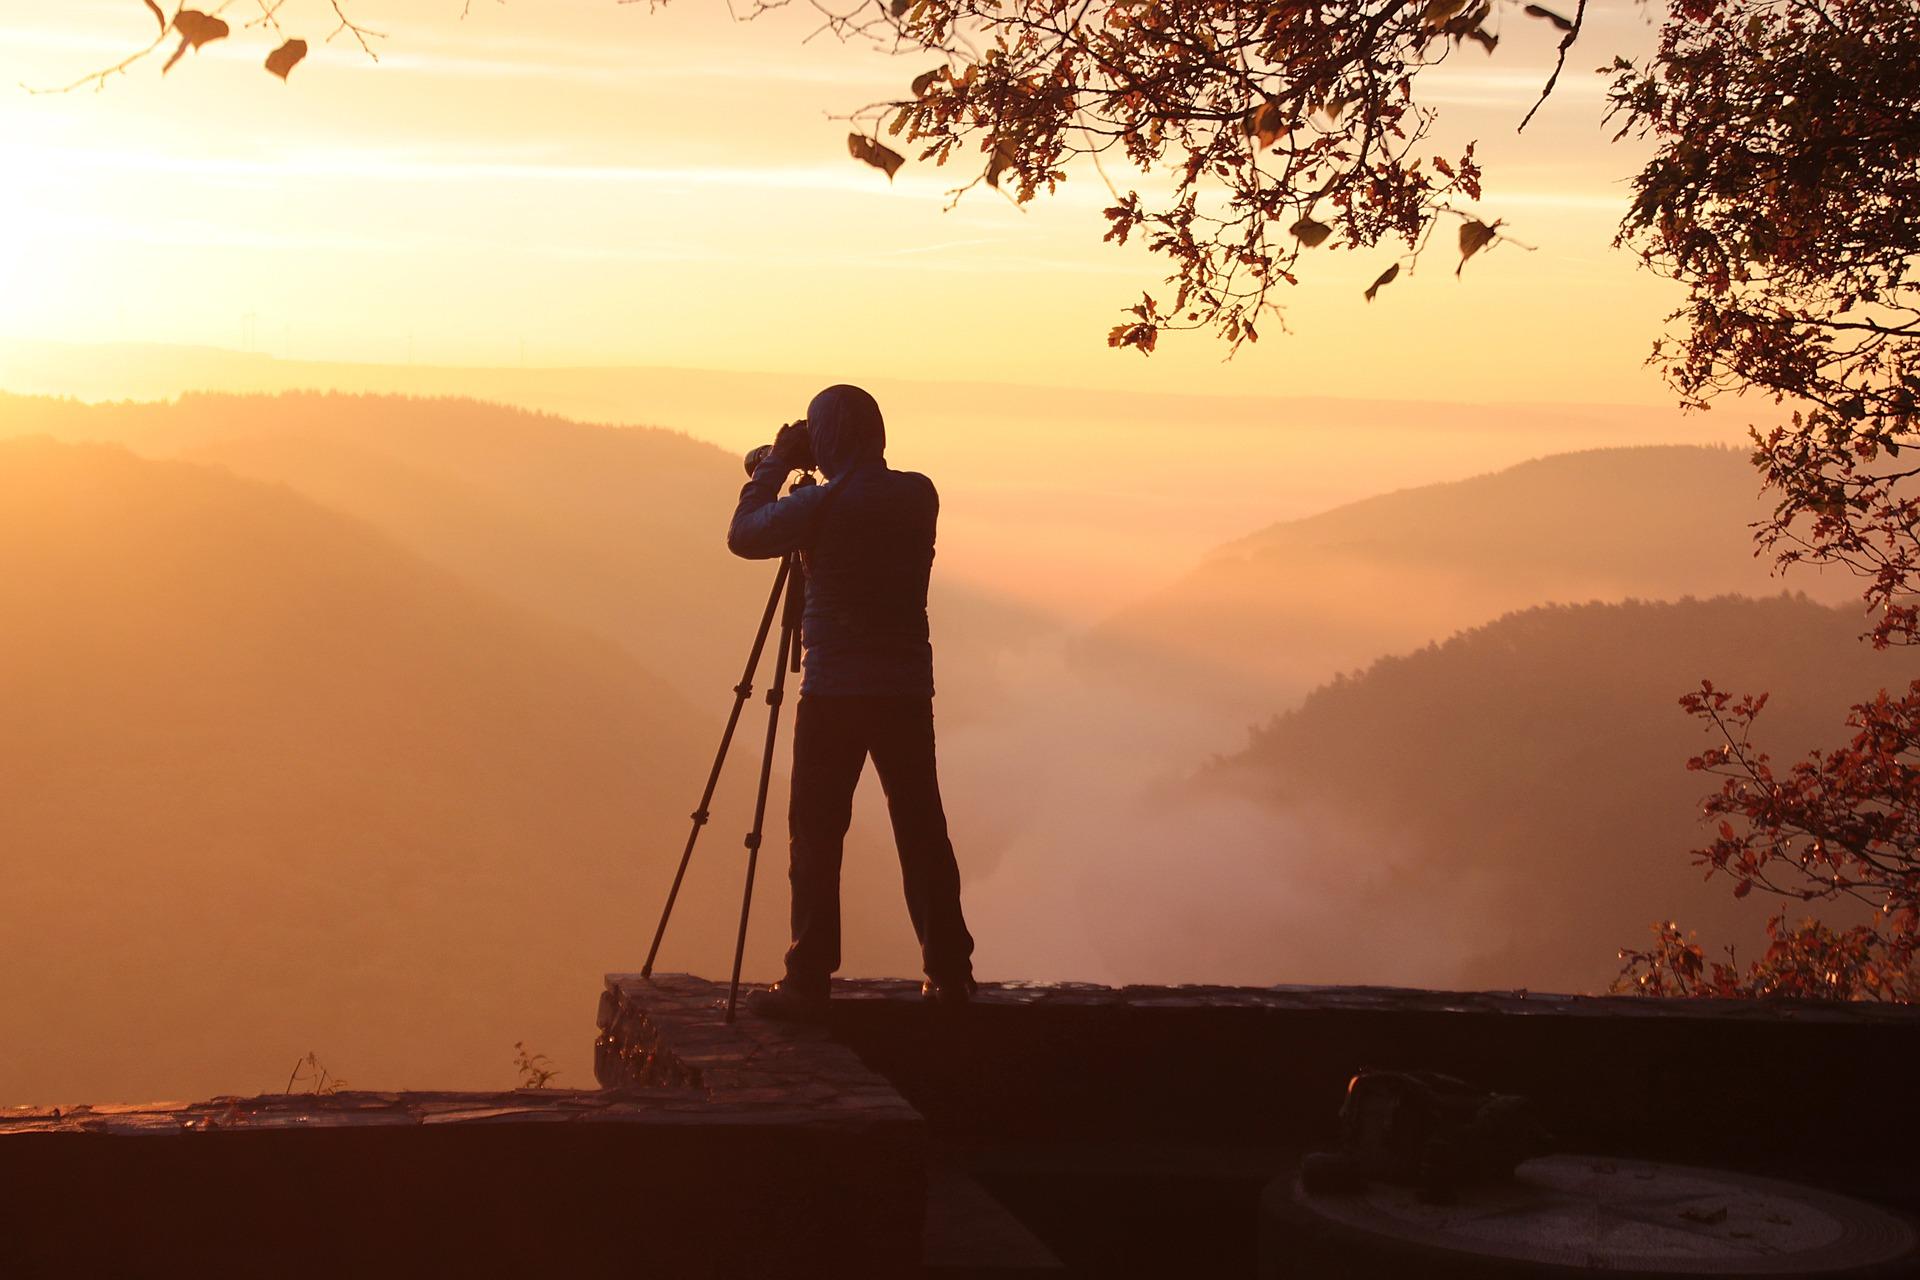 consejos fotografos principiantes